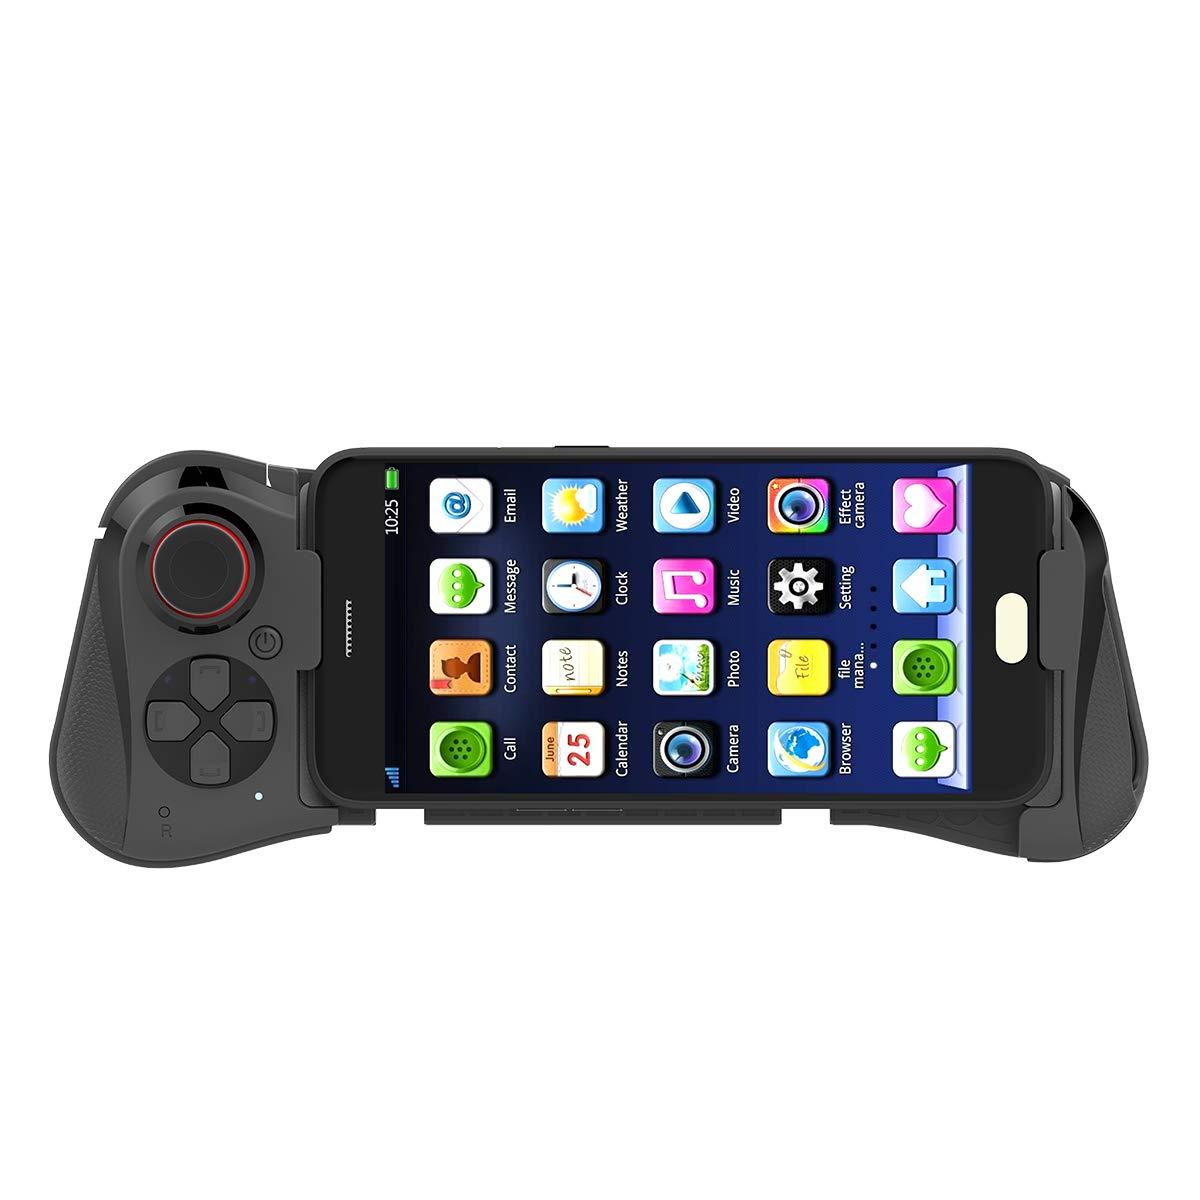 Mocute 058 inalámbrico Bluetooth Gamepad controlador de juegos para Samsung Android Teléfono Pubg juego telescópico Joystick Zigbee rgb led luz de vela aplicación de control inteligente trabajo con puerta de enlace 3,0 smartthings 4w rgbw blanco cálido blanco fresco LED e12 e14 tapy